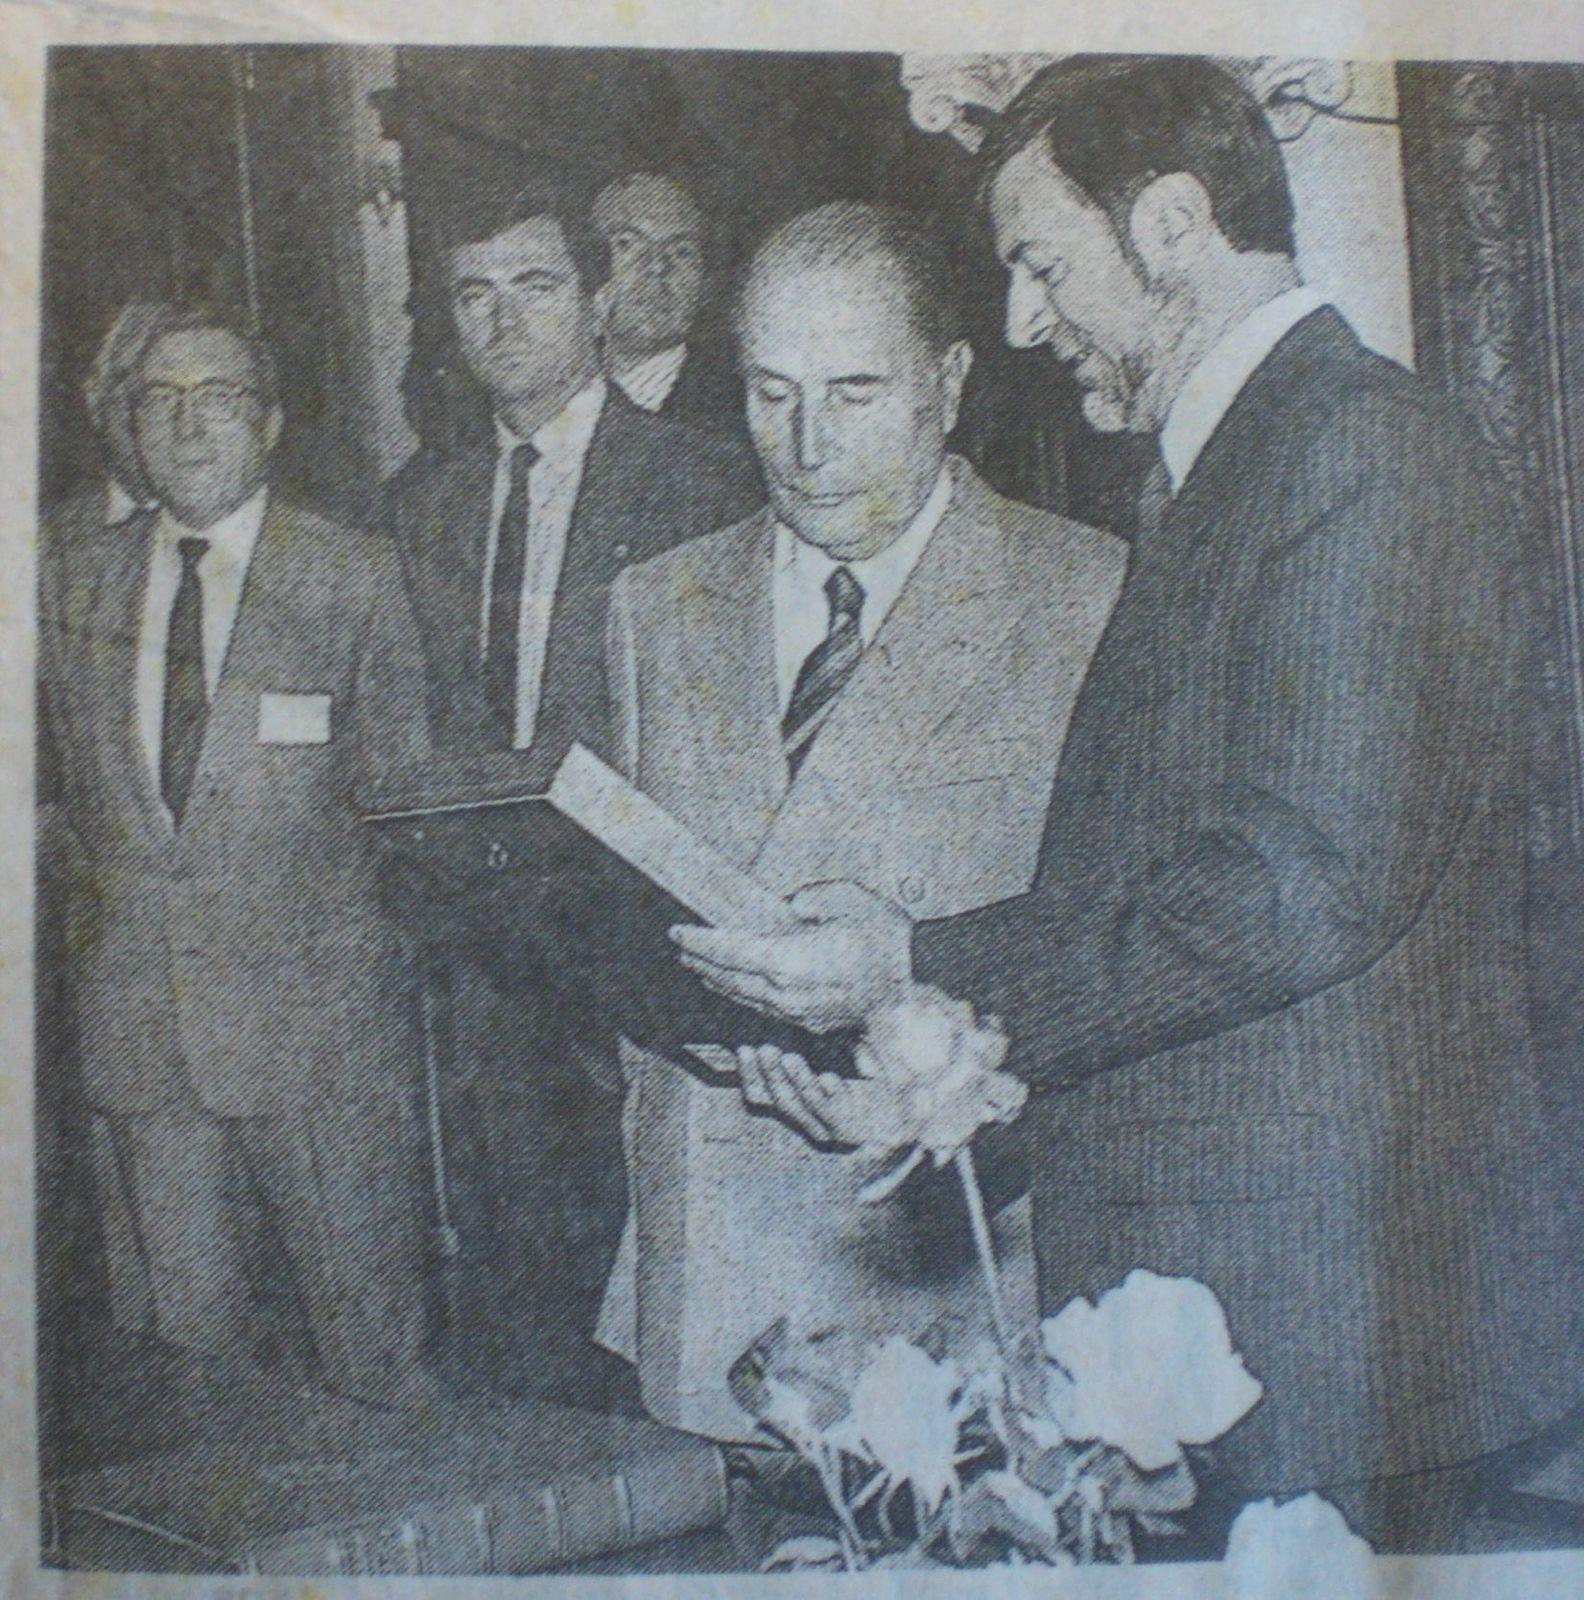 FM-et-Santrot-1990.JPG